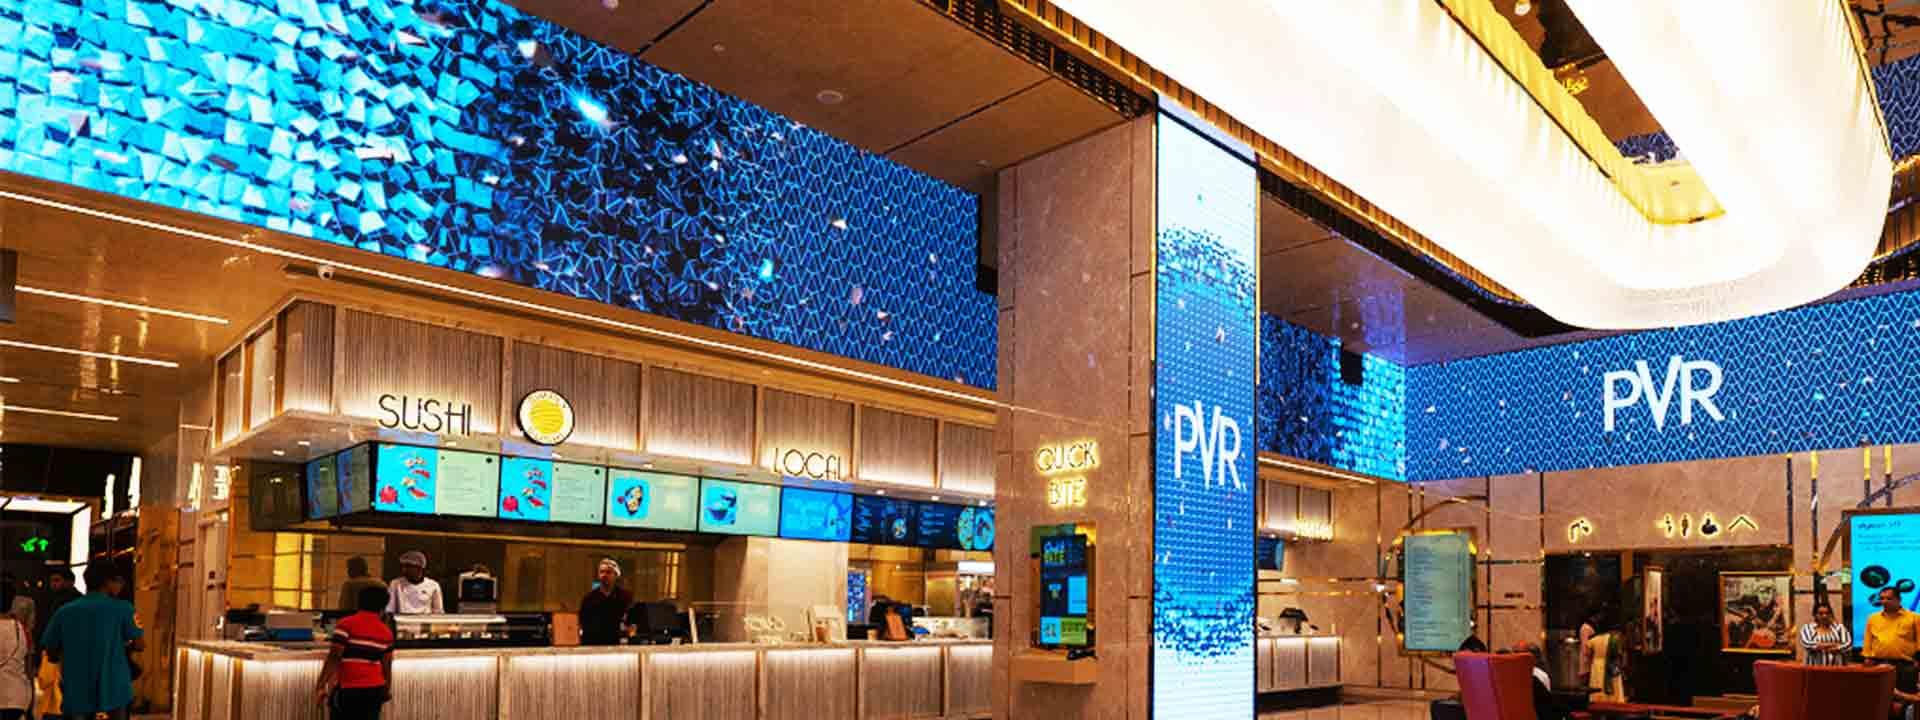 LED Installation at PVR